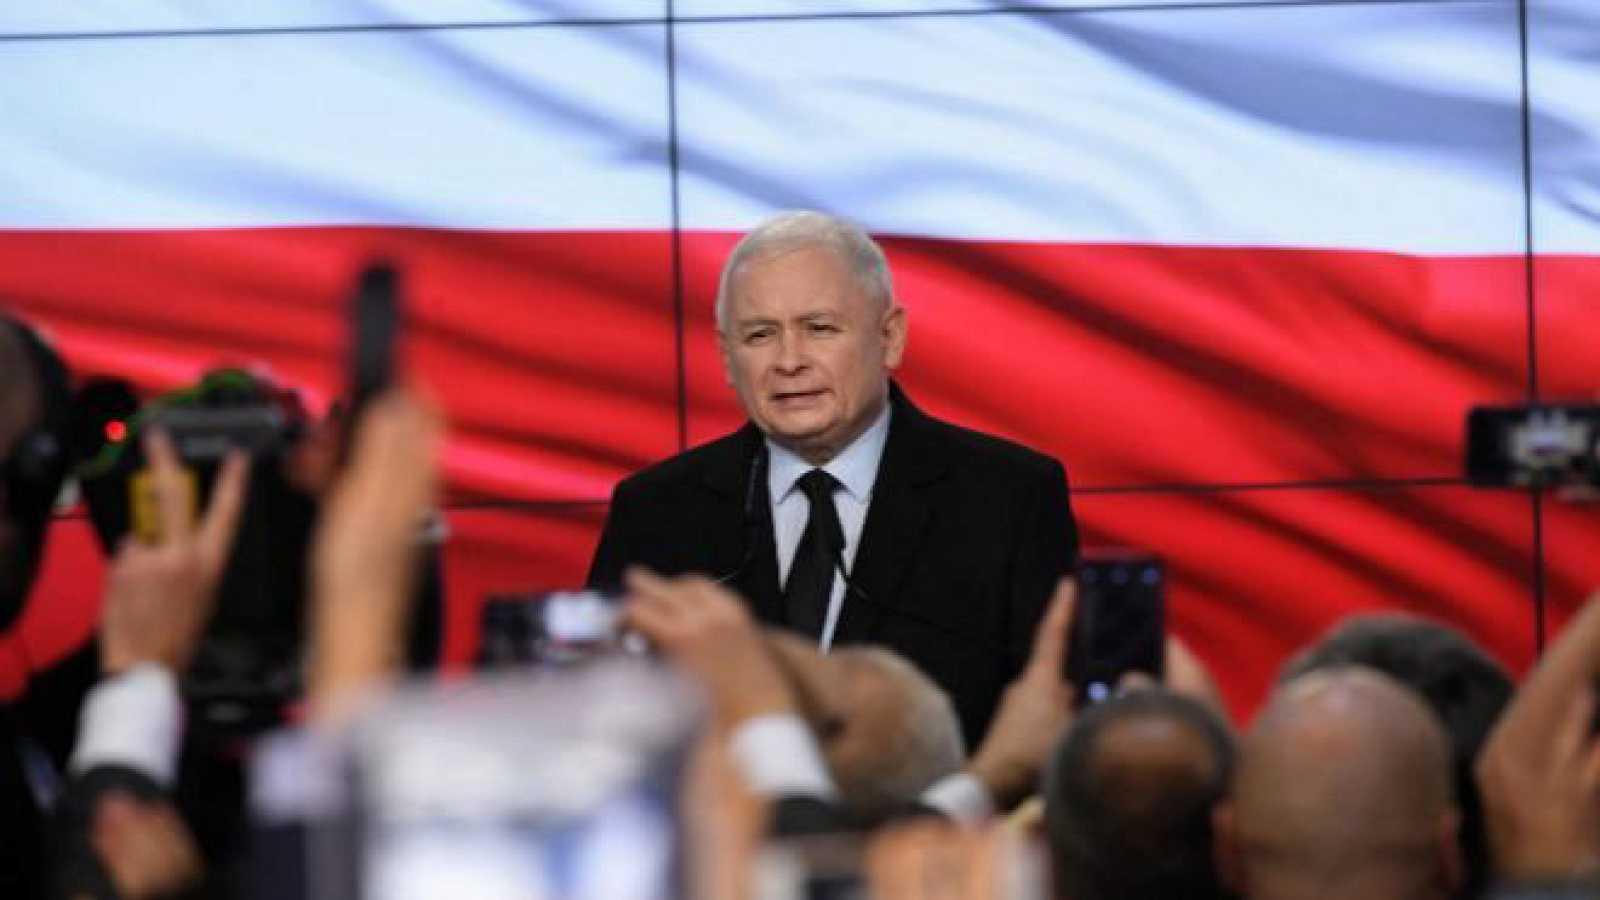 Europa abierta - Triunfo de los ultranacionalistas de Kaczyski en Polonia - Escuchar ahora